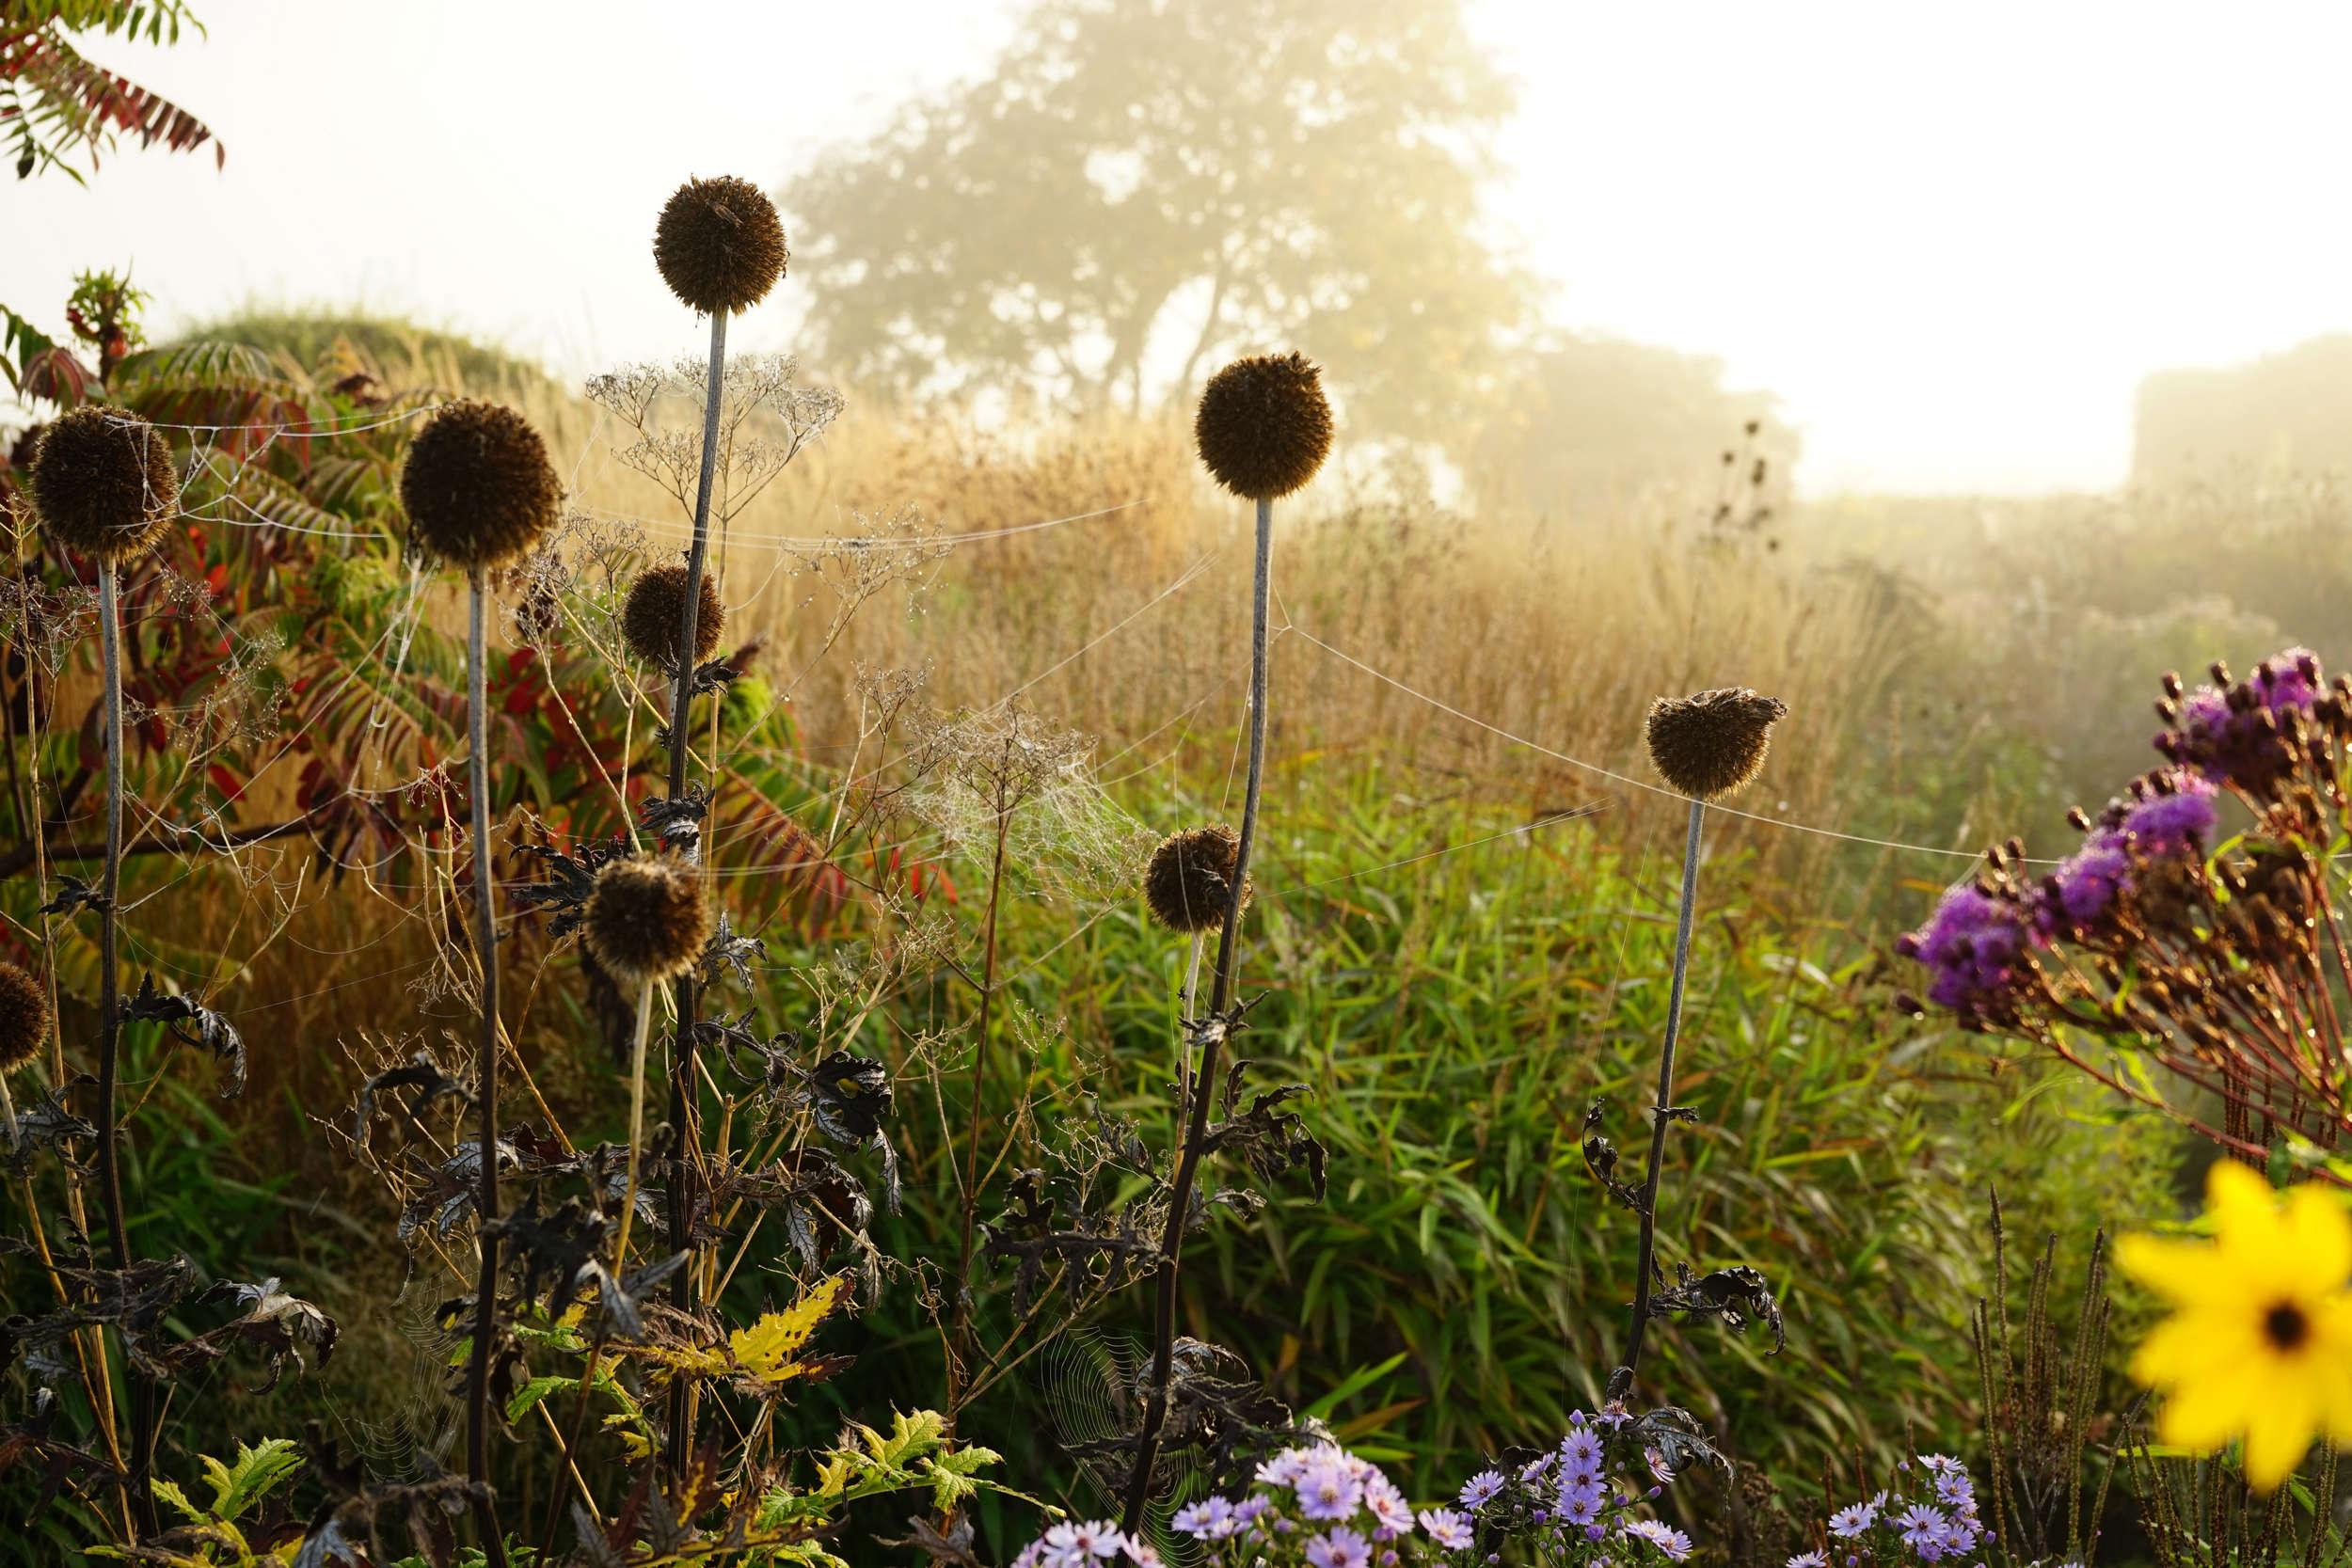 10 garden ideas to steal from superstar dutch designer piet oudolf